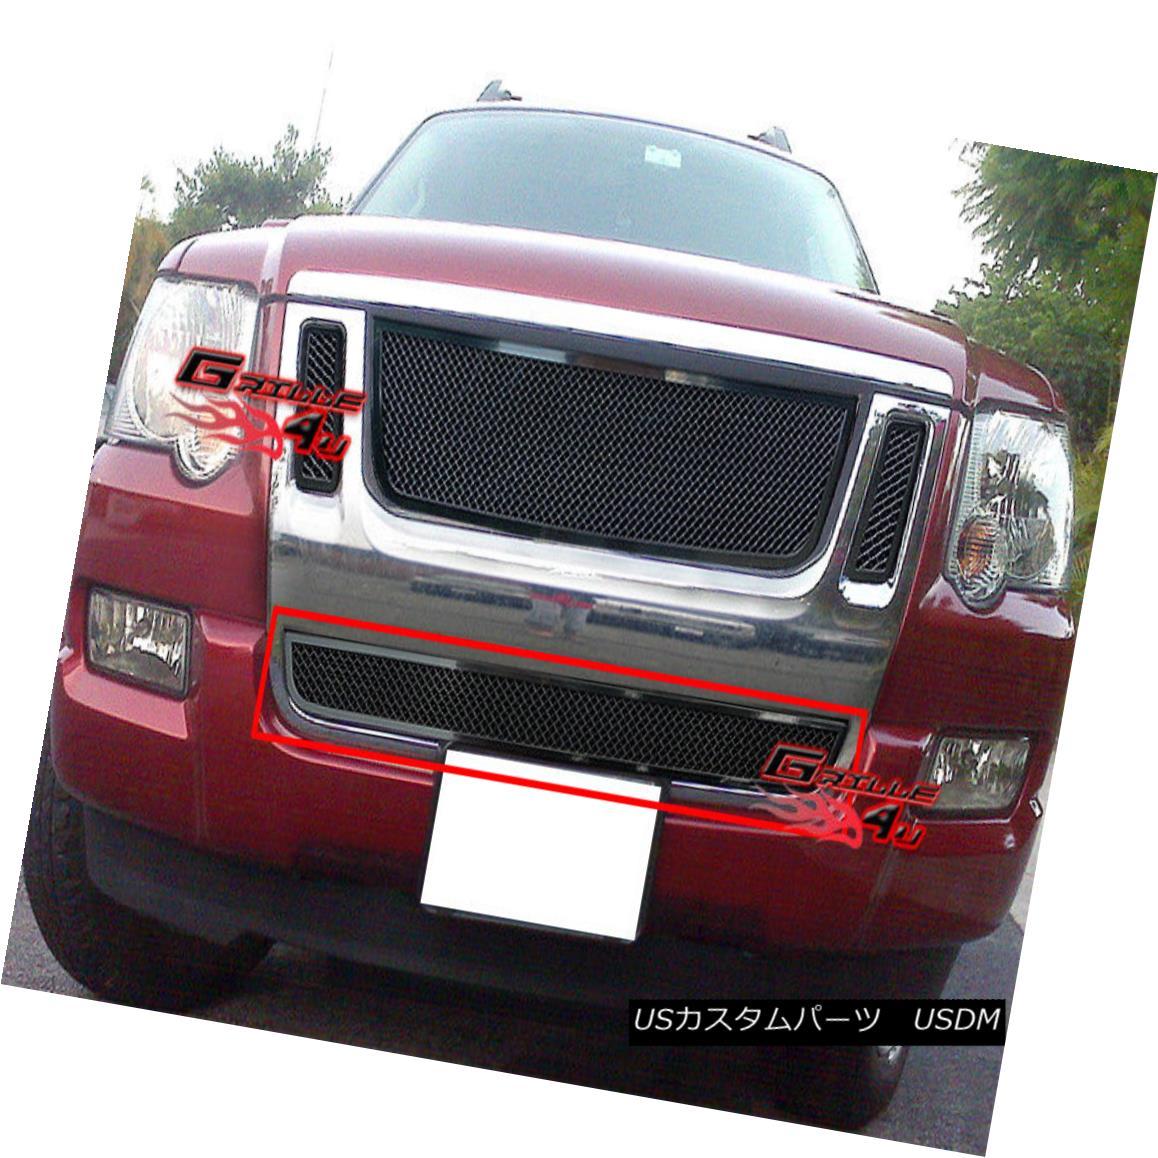 グリル Fits 07-10 Ford Explorer Sport Trac Lower Bumper Mesh Grille フィット07-10フォードエクスプローラースポーツTracロワーバンパーメッシュグリル